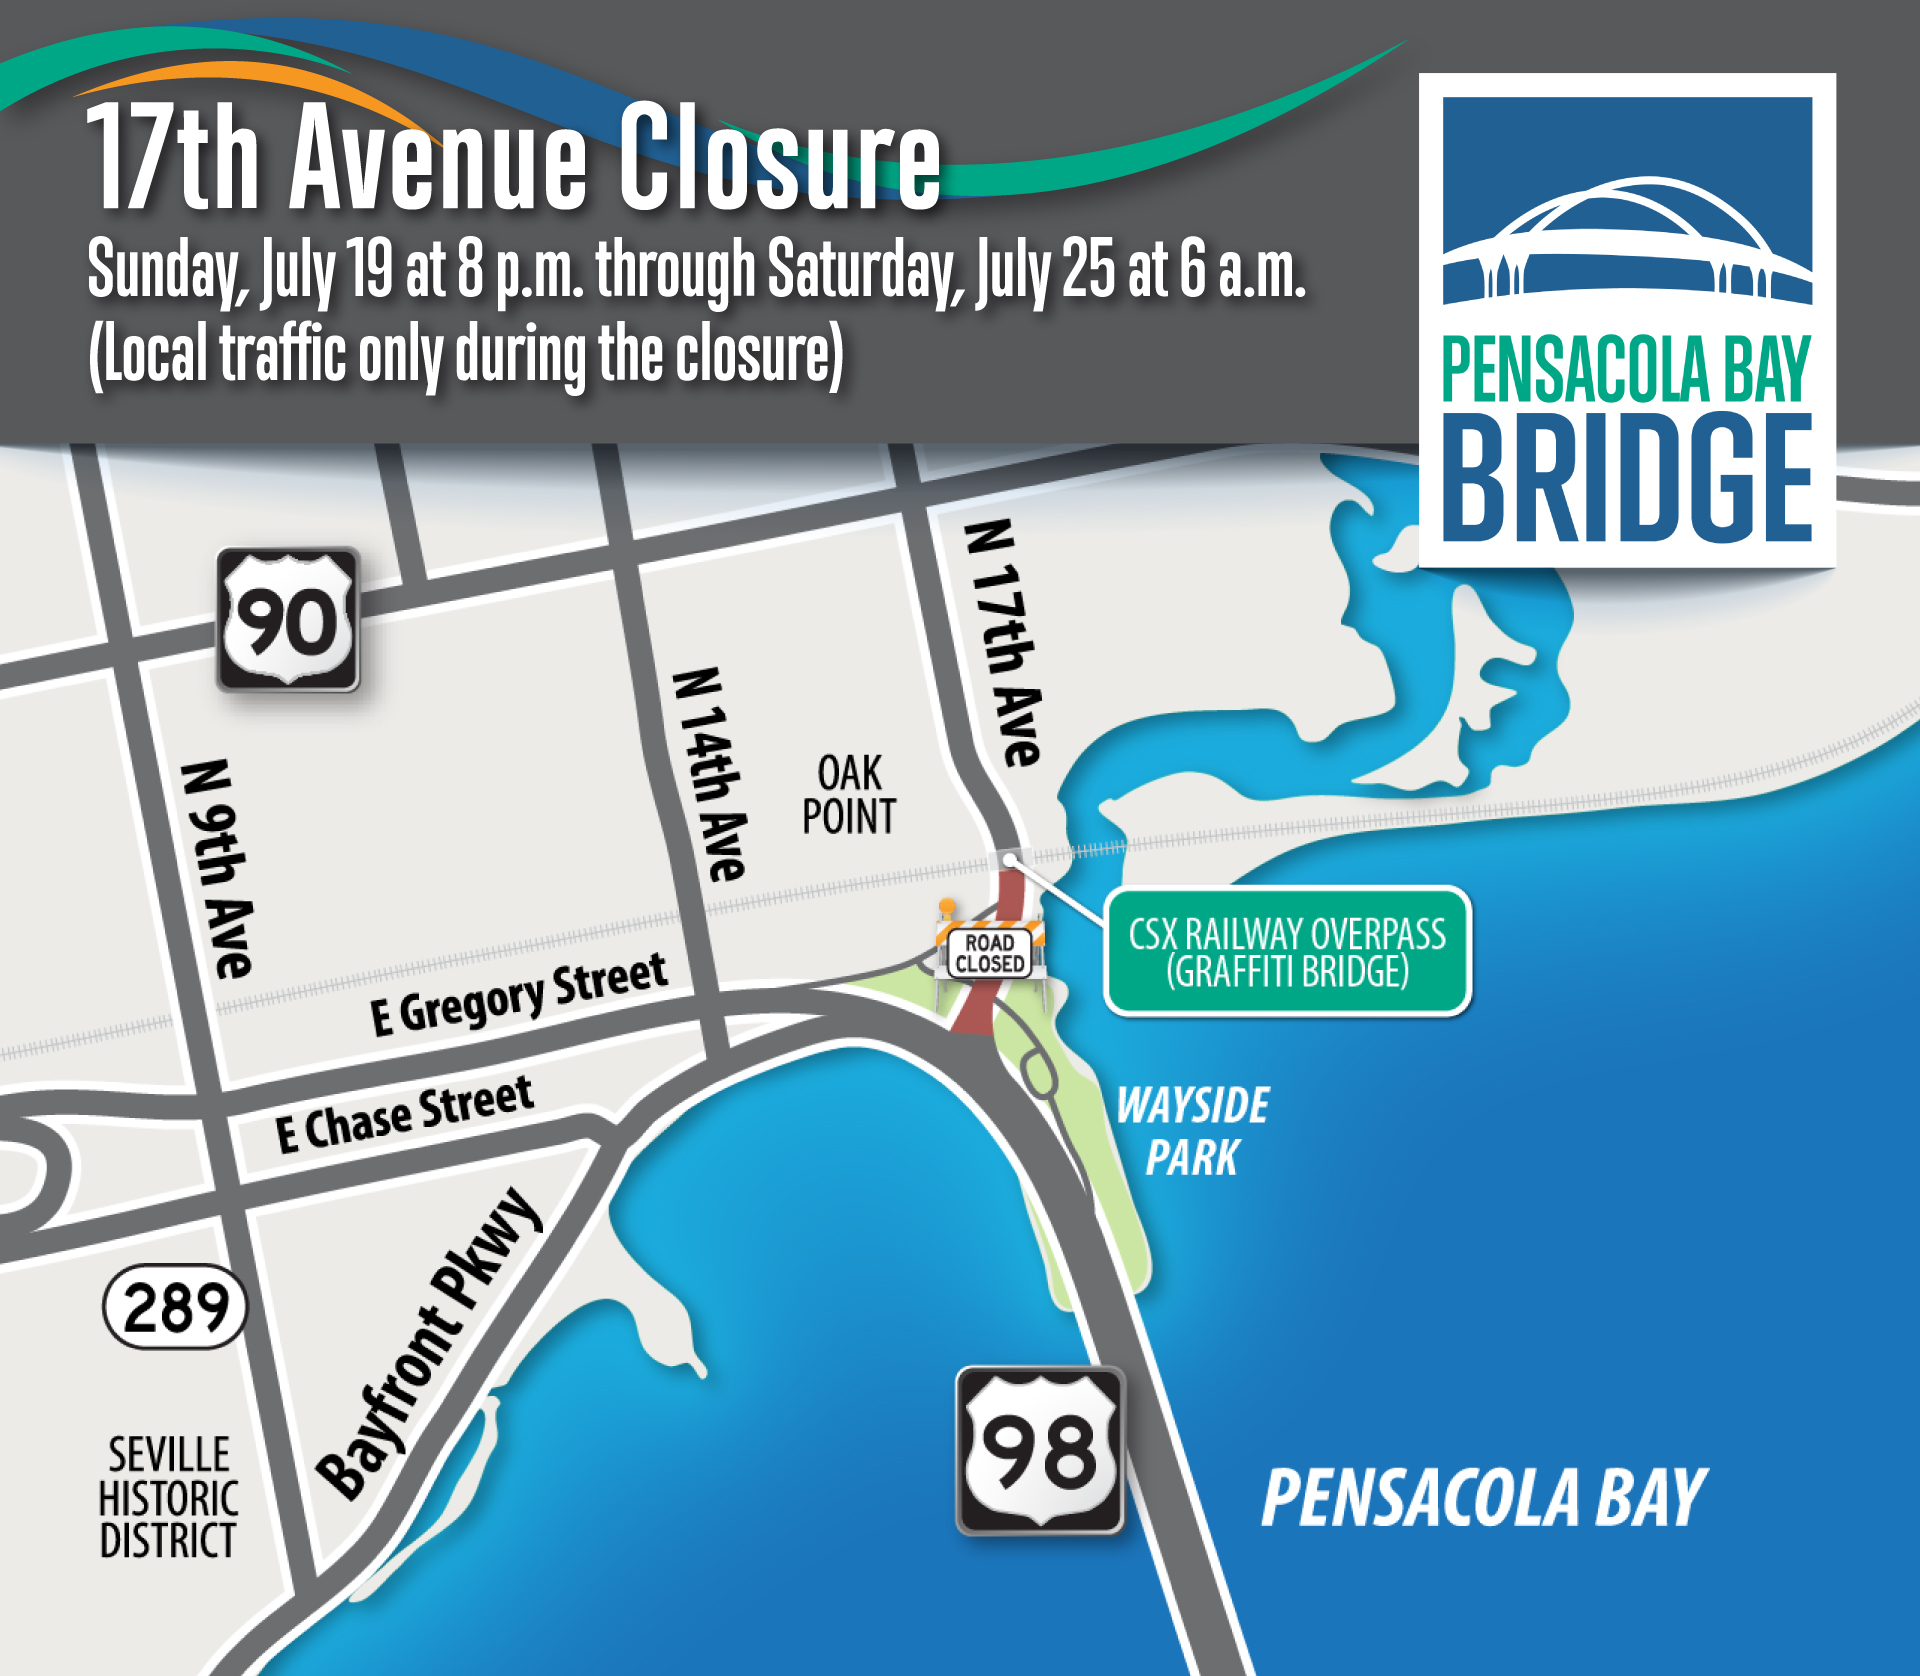 Seventeenth Avenue closure, July 19-25